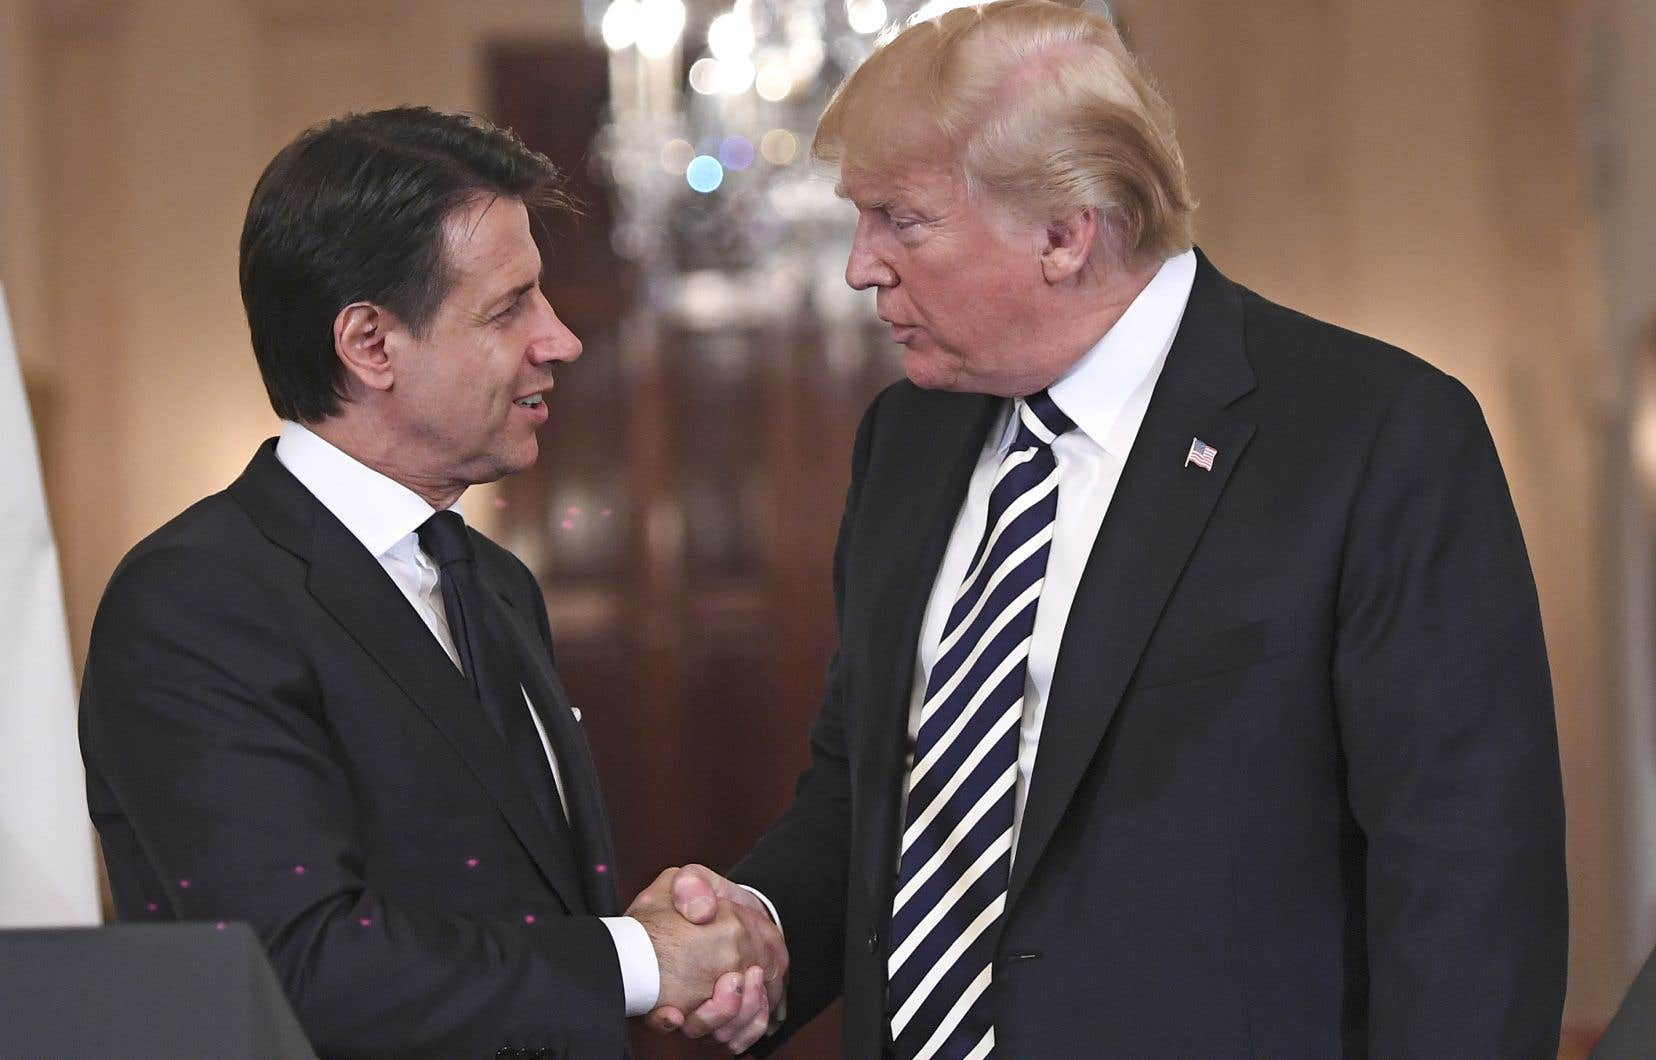 Le chef du gouvernement italien, Giuseppe Conte, était en visite à la Maison-Blanche lundi.